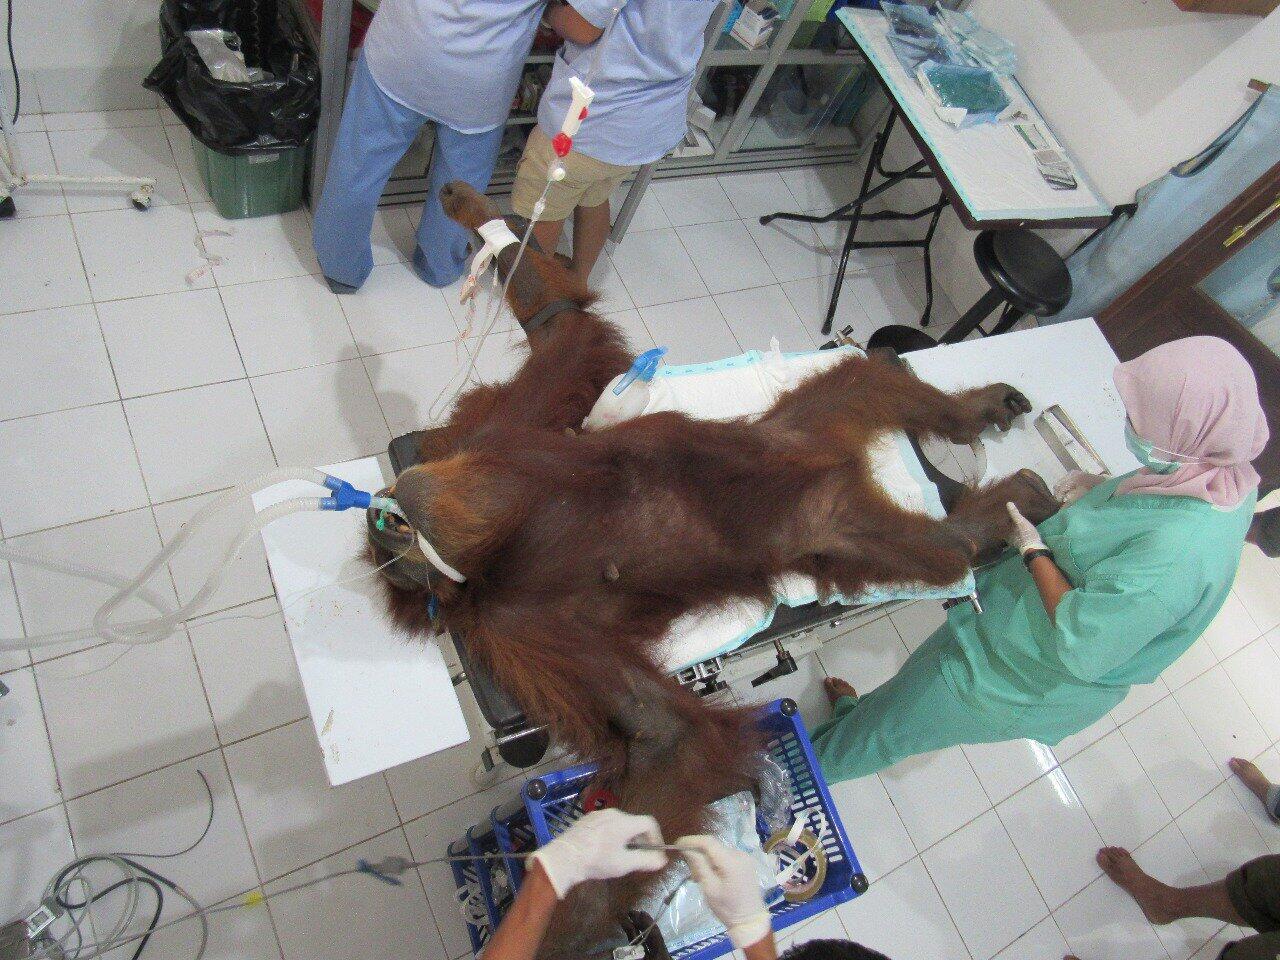 Bayi Orangutan Meninggal krn Kelaparan Setelah Induknya Tertembak Pekerja Perkebunan